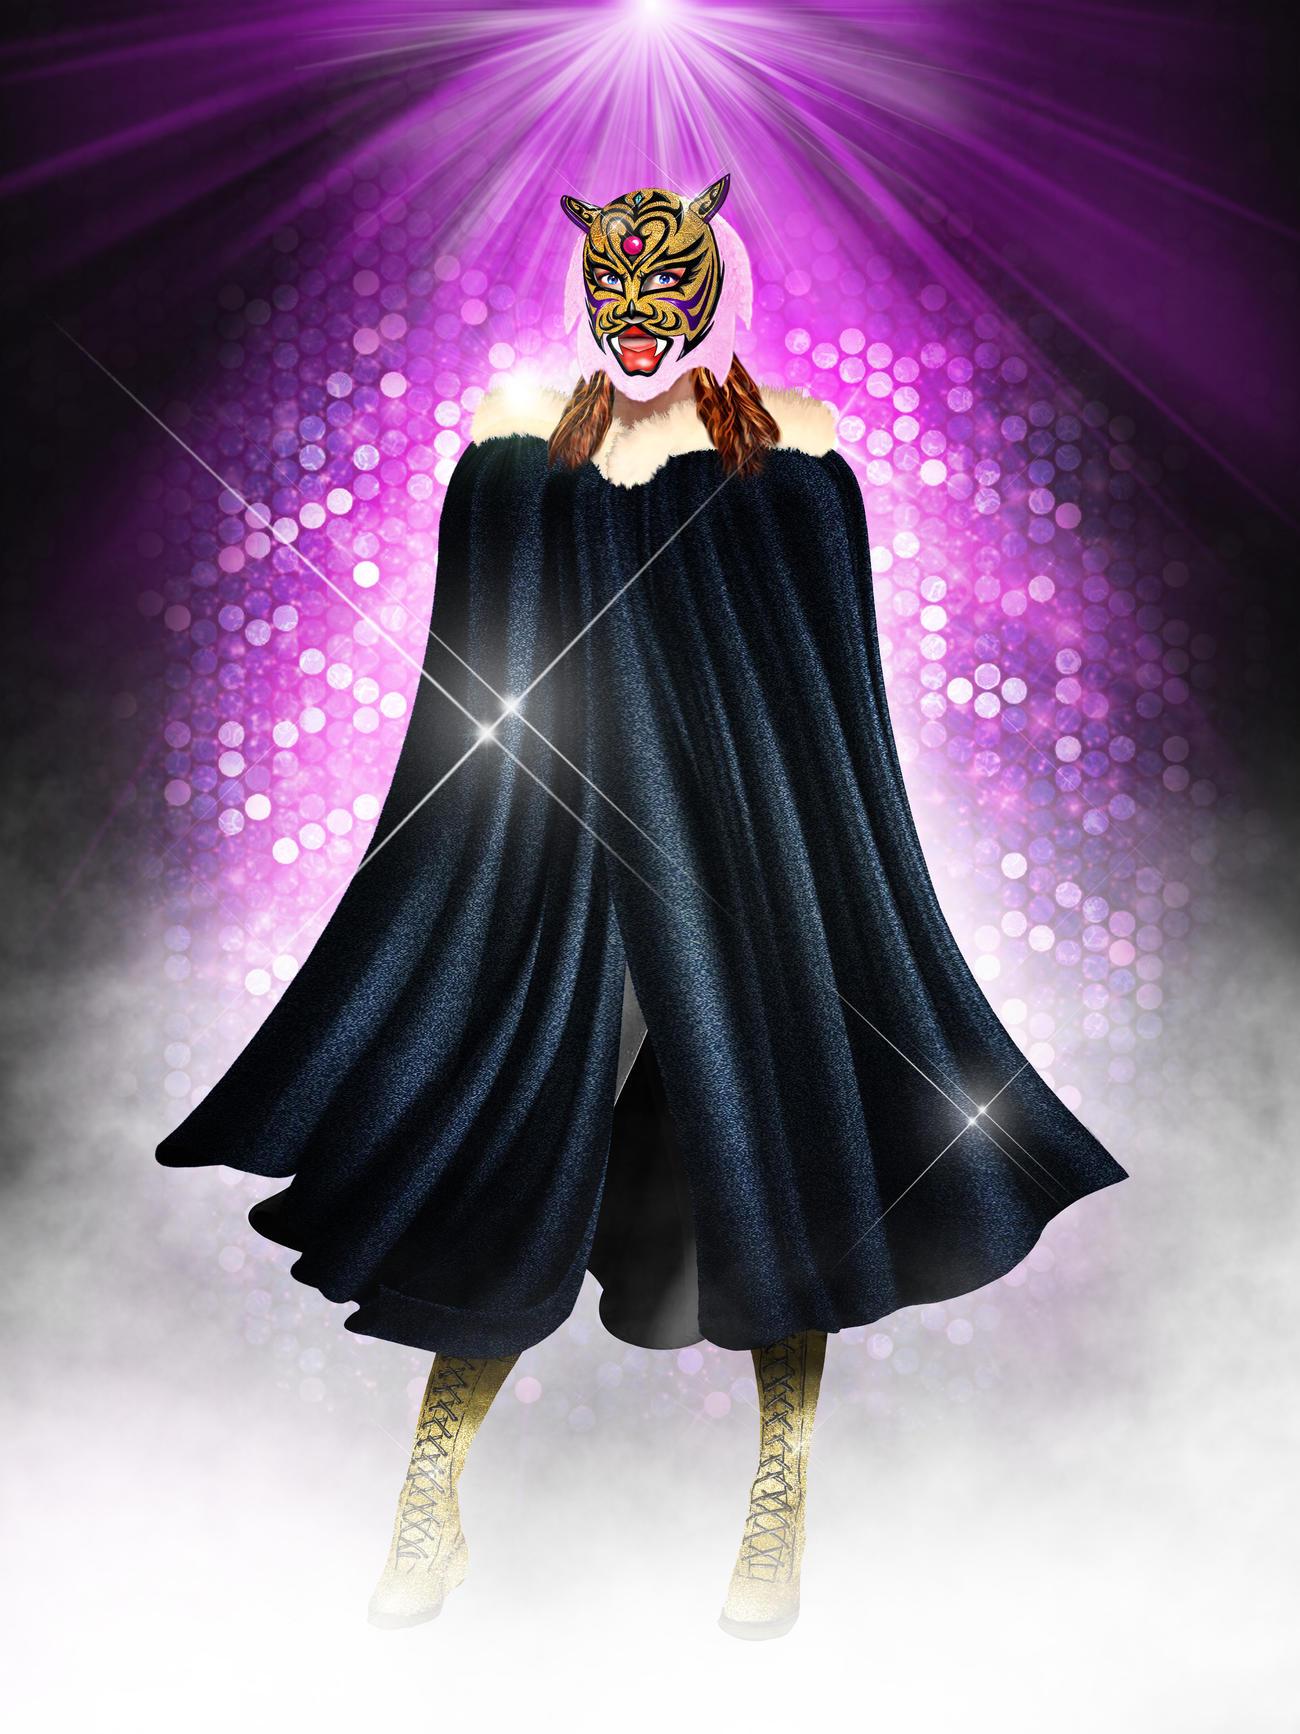 7月29日にデビューする女性版タイガーマスク「タイガークイーン」(ストロングスタイルプロレス提供)